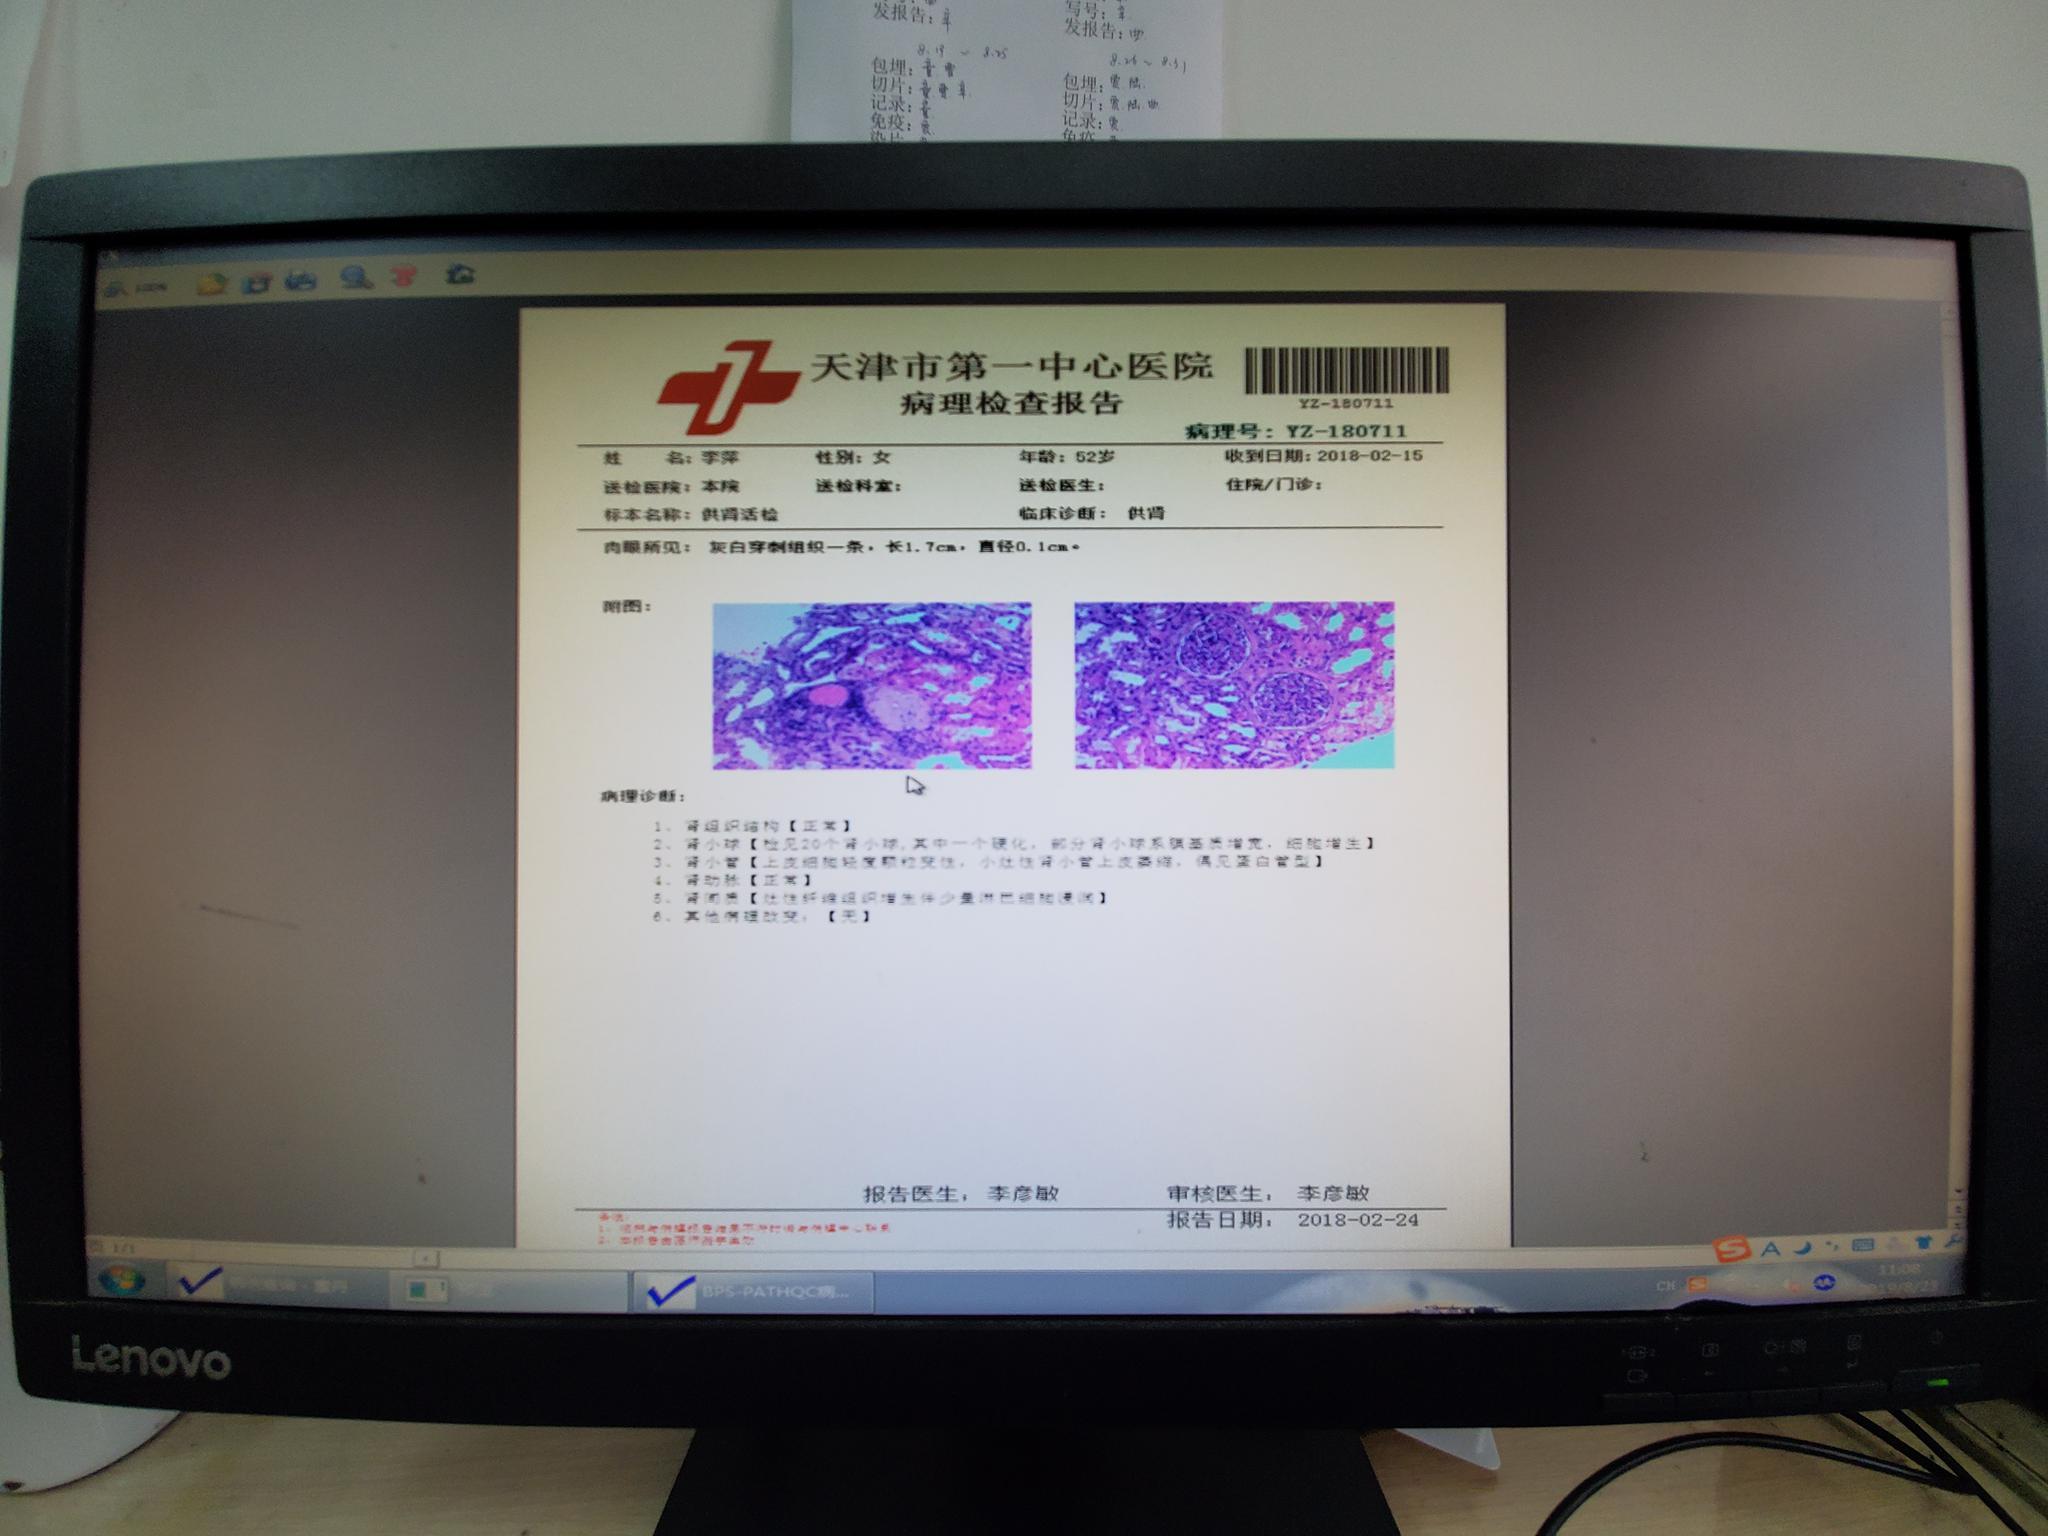 天津市第一中心医院查到的李萍肾脏的病理检查报告。 新京报记者 李云蝶 摄